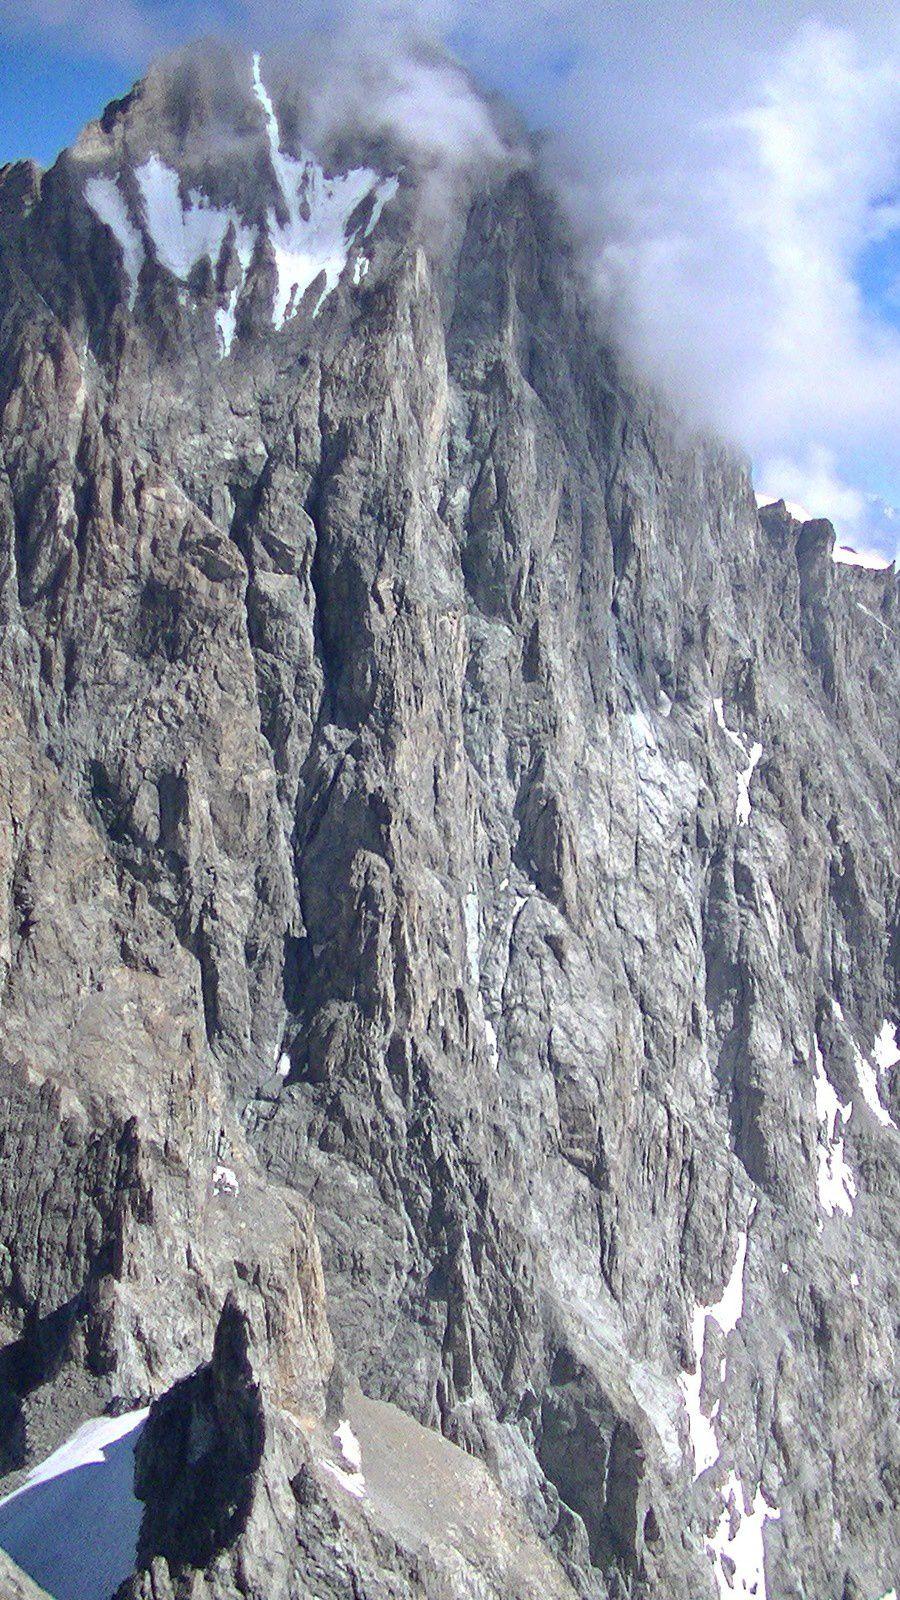 Pilier sud des Ecrins vue du sommet du Collidge